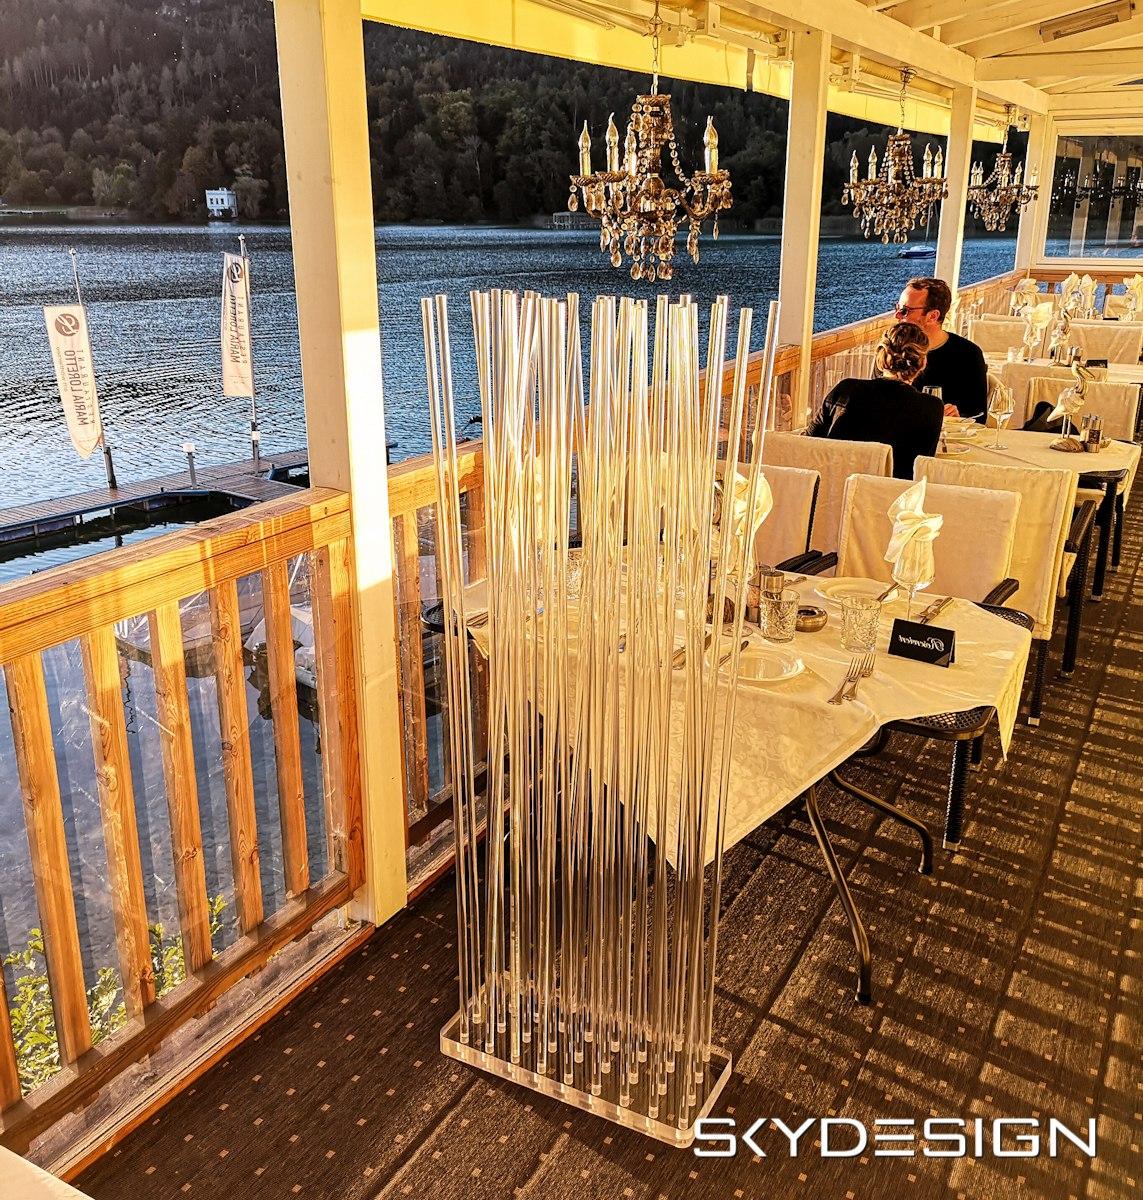 Full Size of Sichtschutz Balkon Paravent Obi Holz Top 5 Skydesign Acrylglas Raumteiler Innovativer Luxus Fenster Sichtschutzfolie Garten Für Sichtschutzfolien Einseitig Wohnzimmer Sichtschutz Balkon Paravent